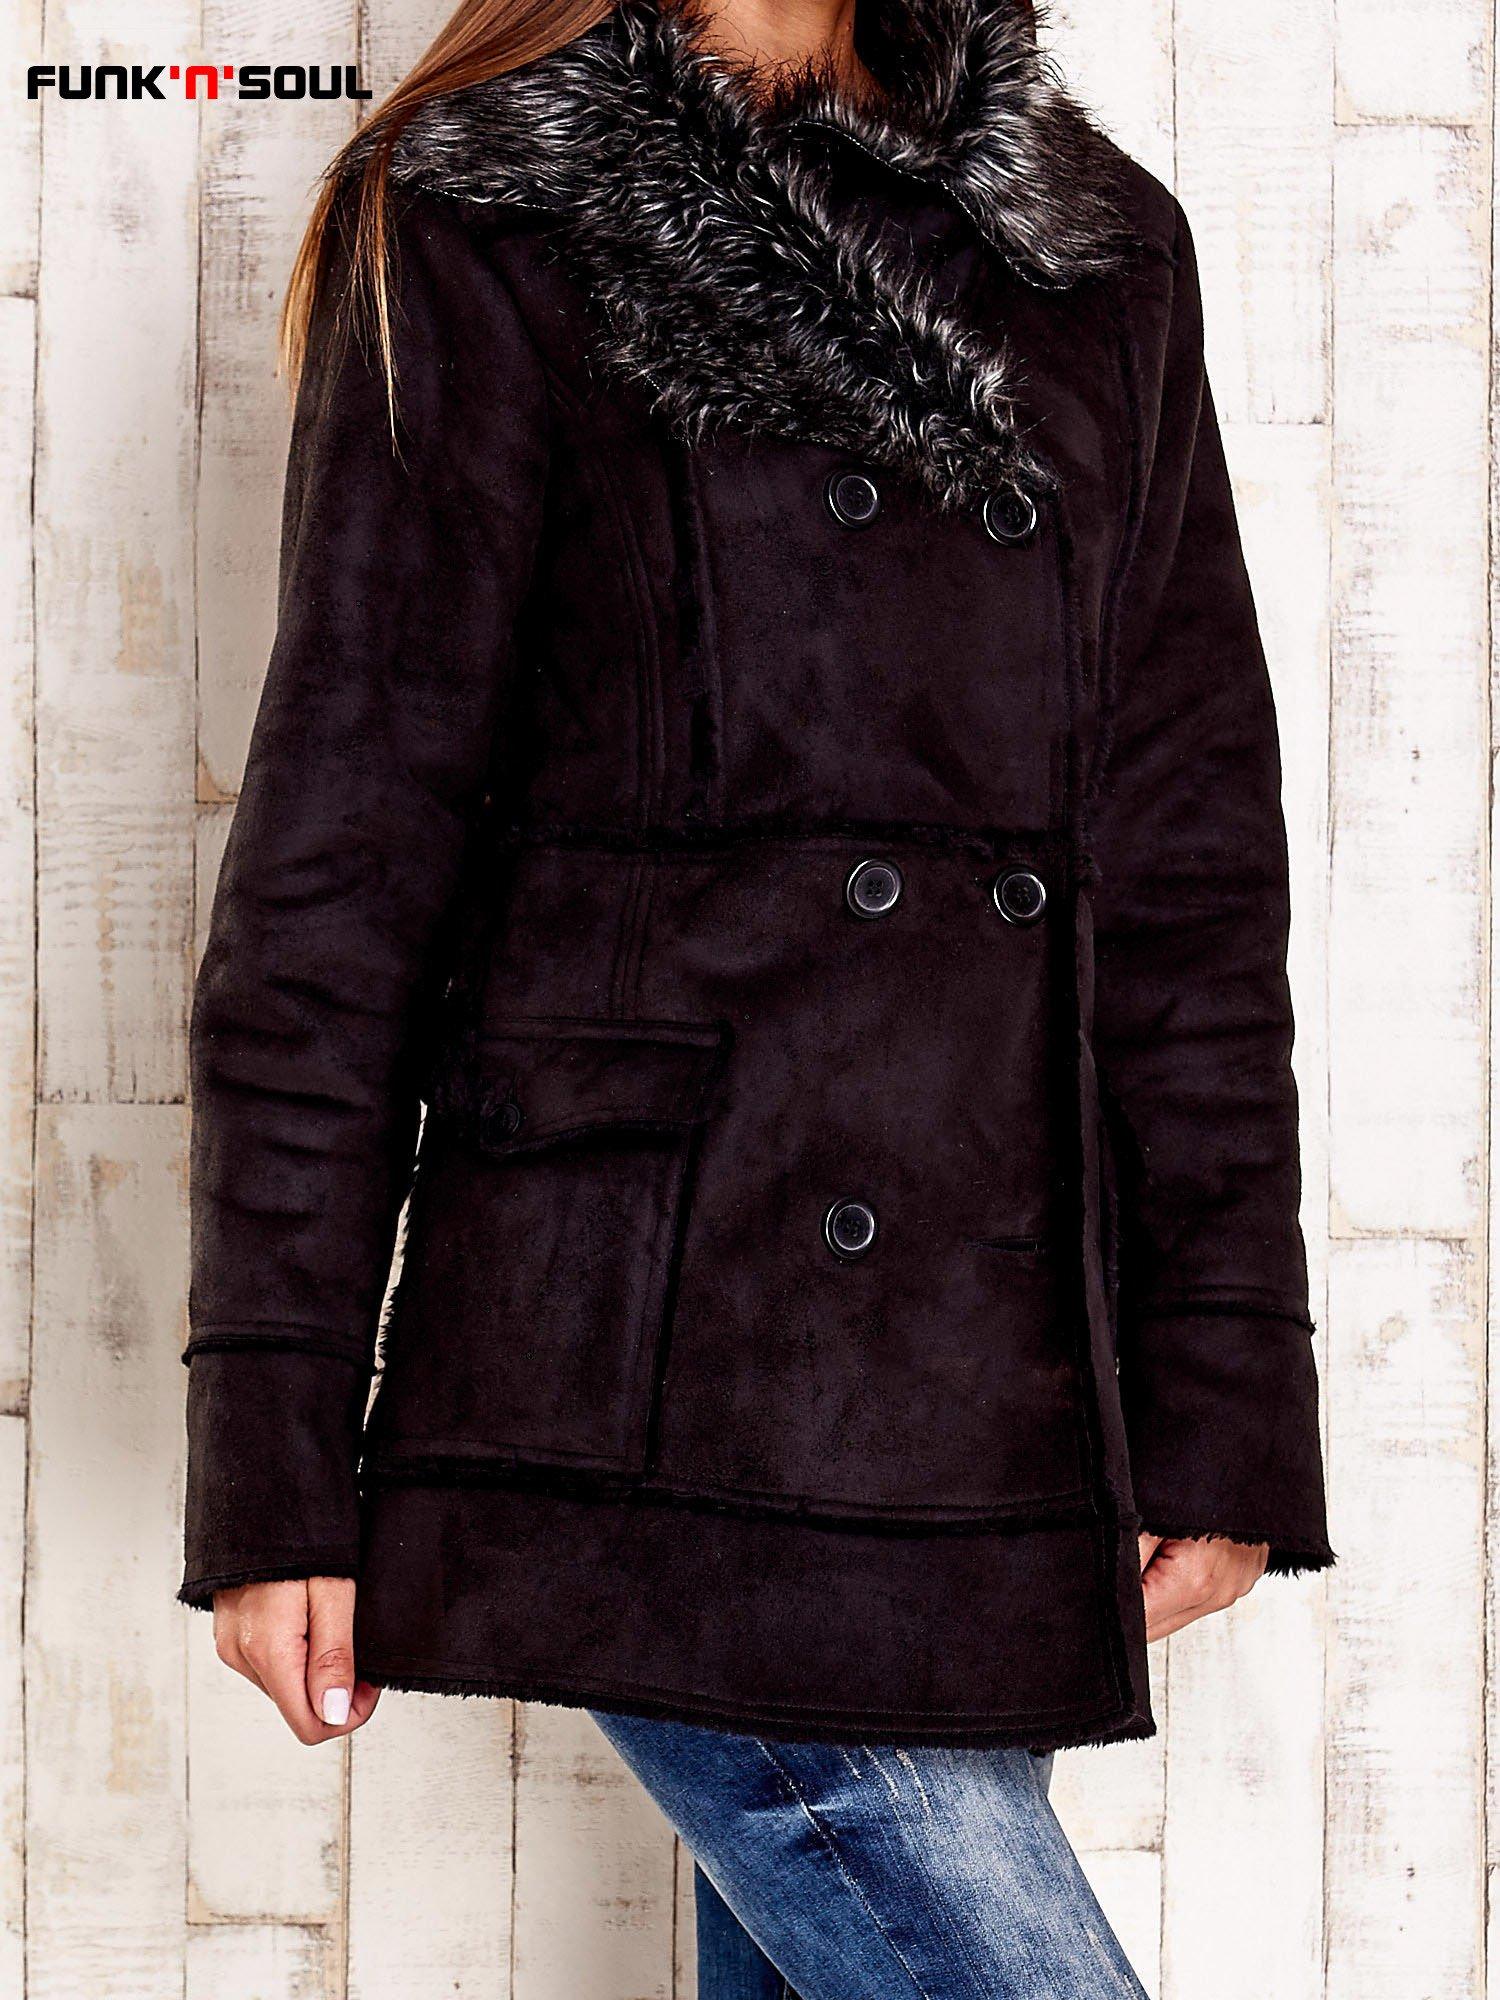 Czarny futrzany płaszcz z włochatym kołnierzem FUNK N SOUL                                  zdj.                                  3